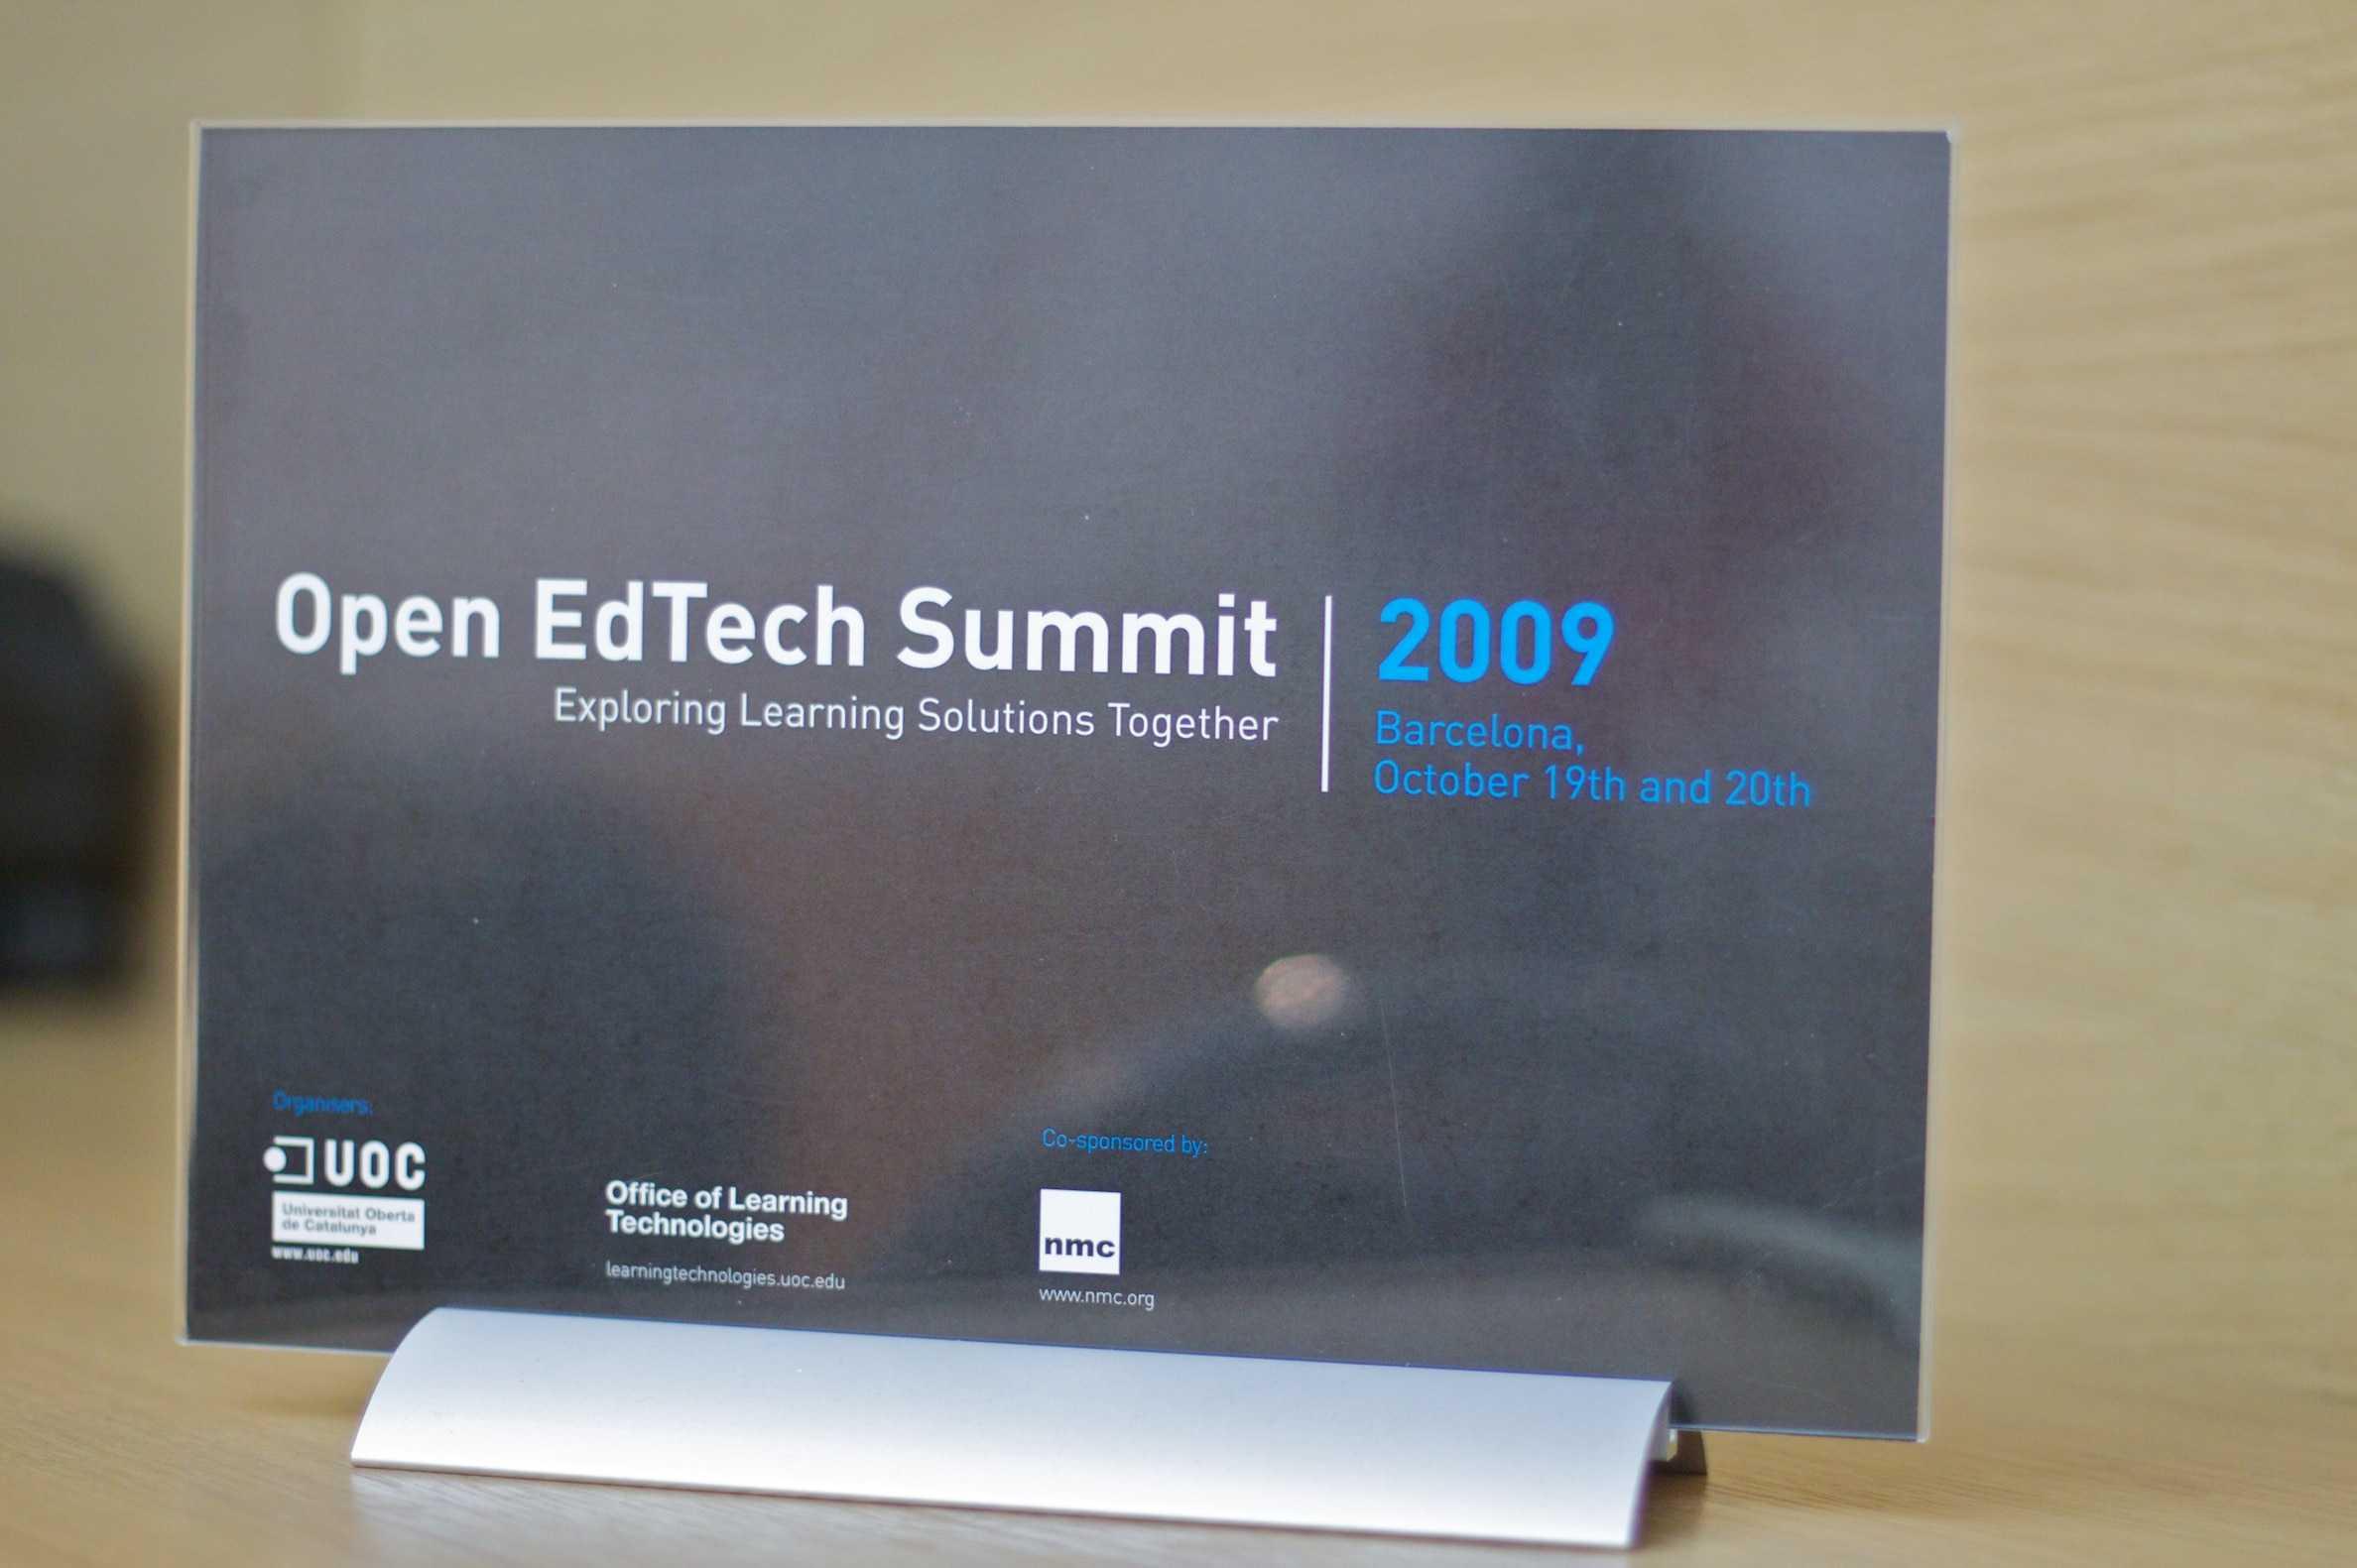 2 - Edtech là gì và ứng dụng của nó ra sao?